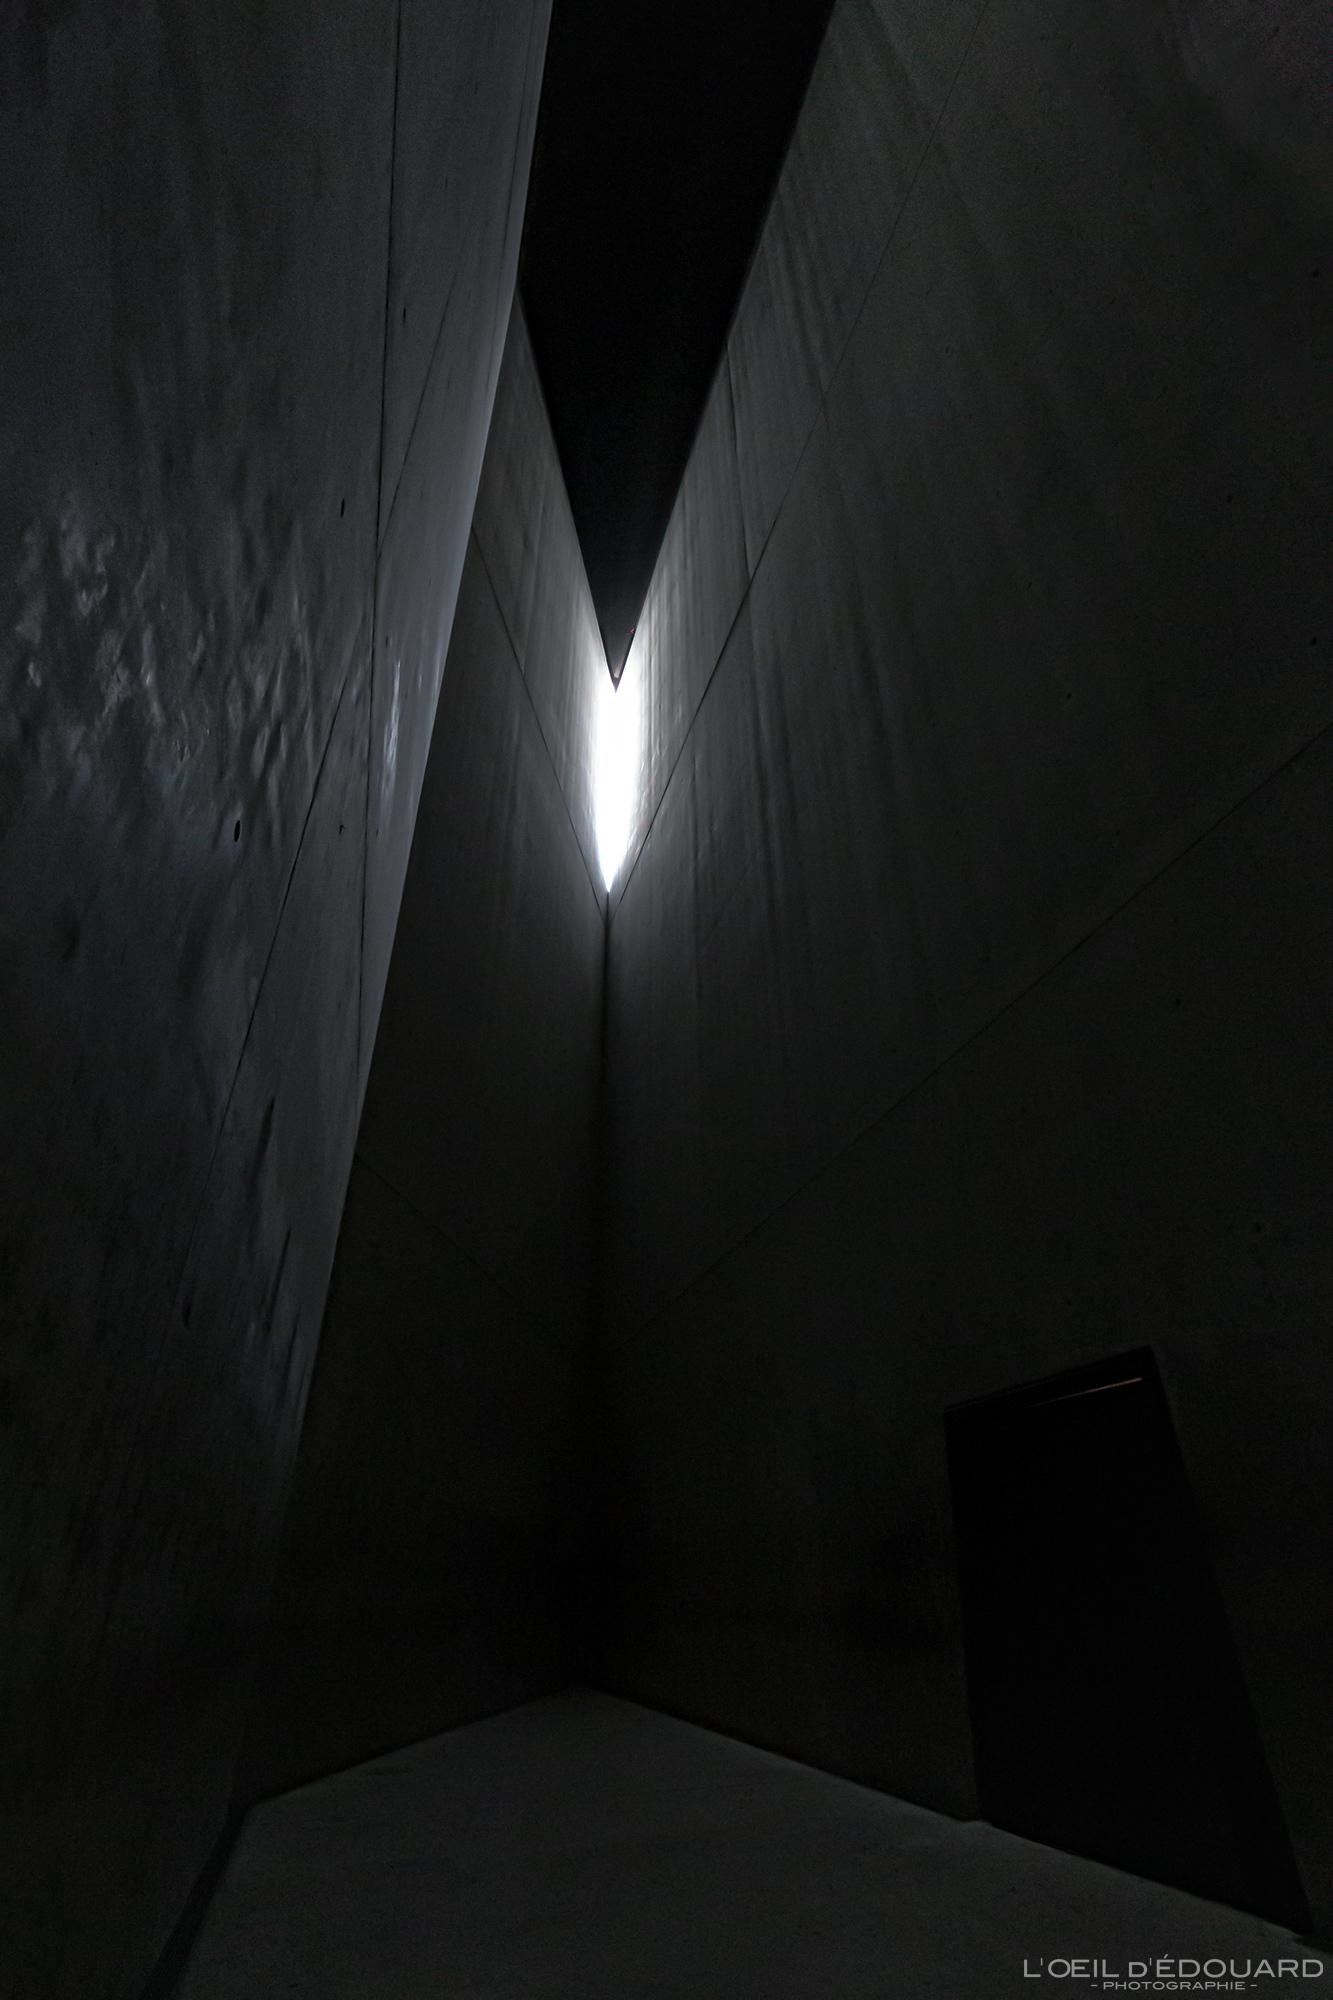 Museu Judaico Torre do Holocausto em Berlim Alemanha - Museu Judaico da Torre do Holocausto Alemanha Alemanha Torre do Holocausto Museu Judaico Arquitetura Daniel Libeskind